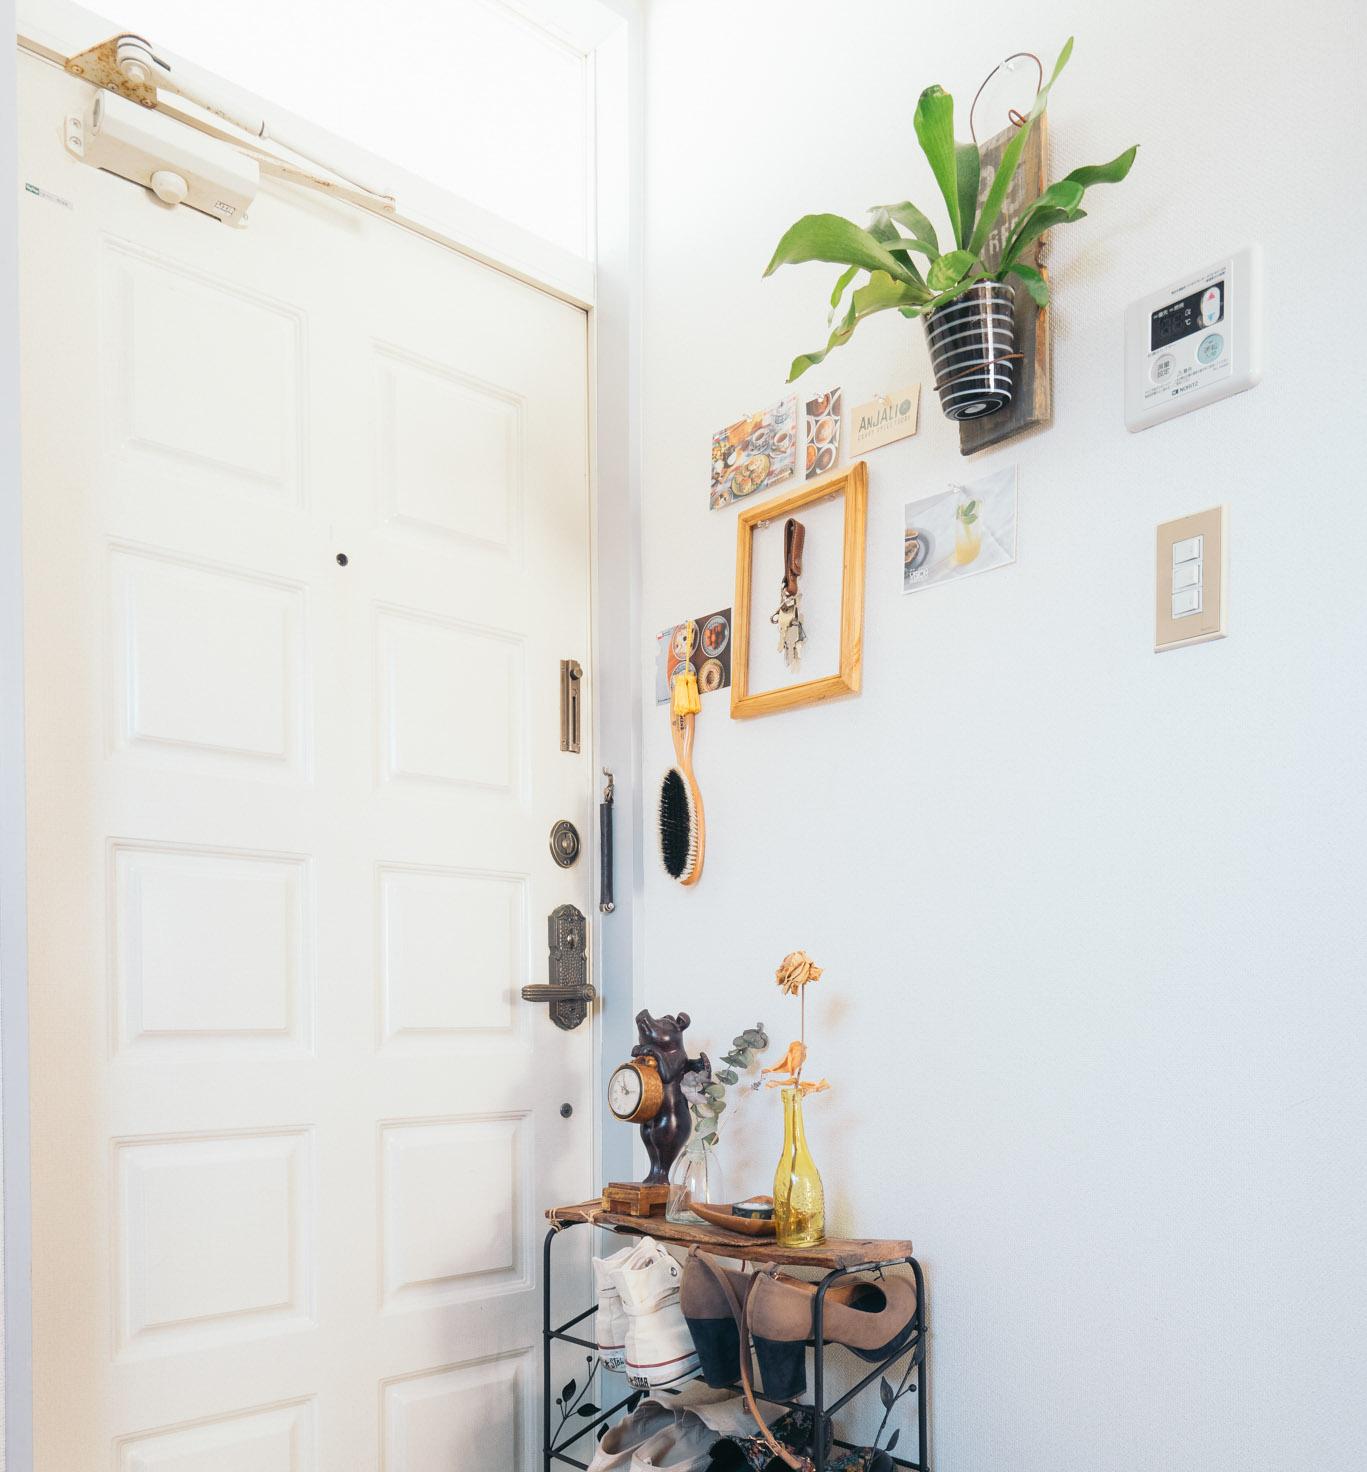 玄関の壁も、よく見るとブラシや時計など、必要なアイテムがさりげなく飾られています。額の中にかかっているのは、玄関の鍵!こうすれば、どこに置いたか忘れませんね〜